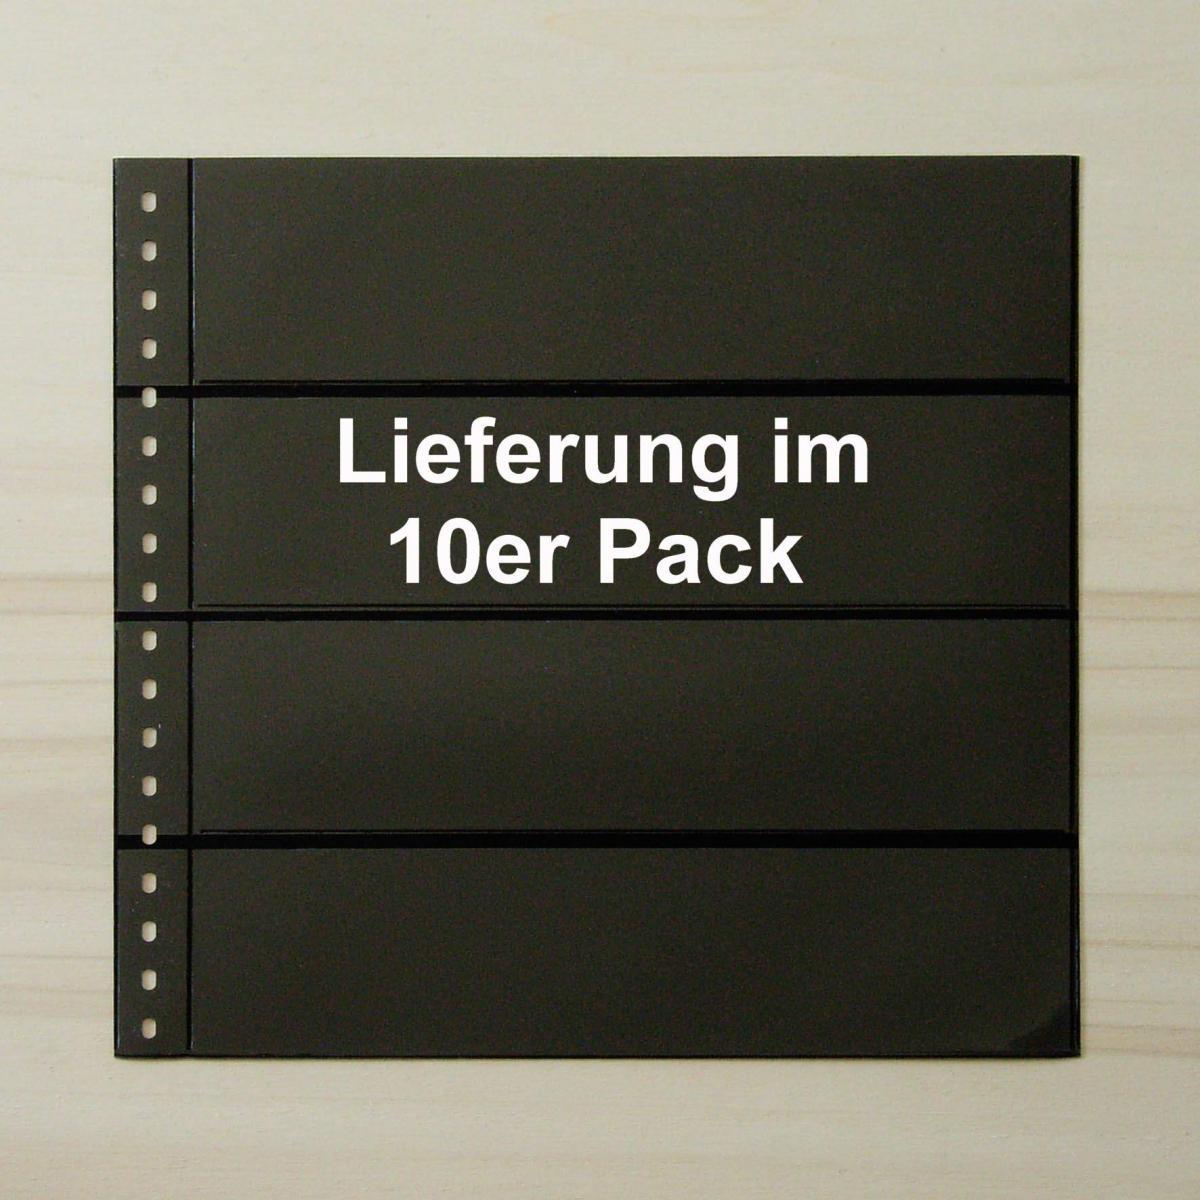 LINDNER Omnia Einsteckblatt 04 schwarz 4 Streifen - 10er-Packung